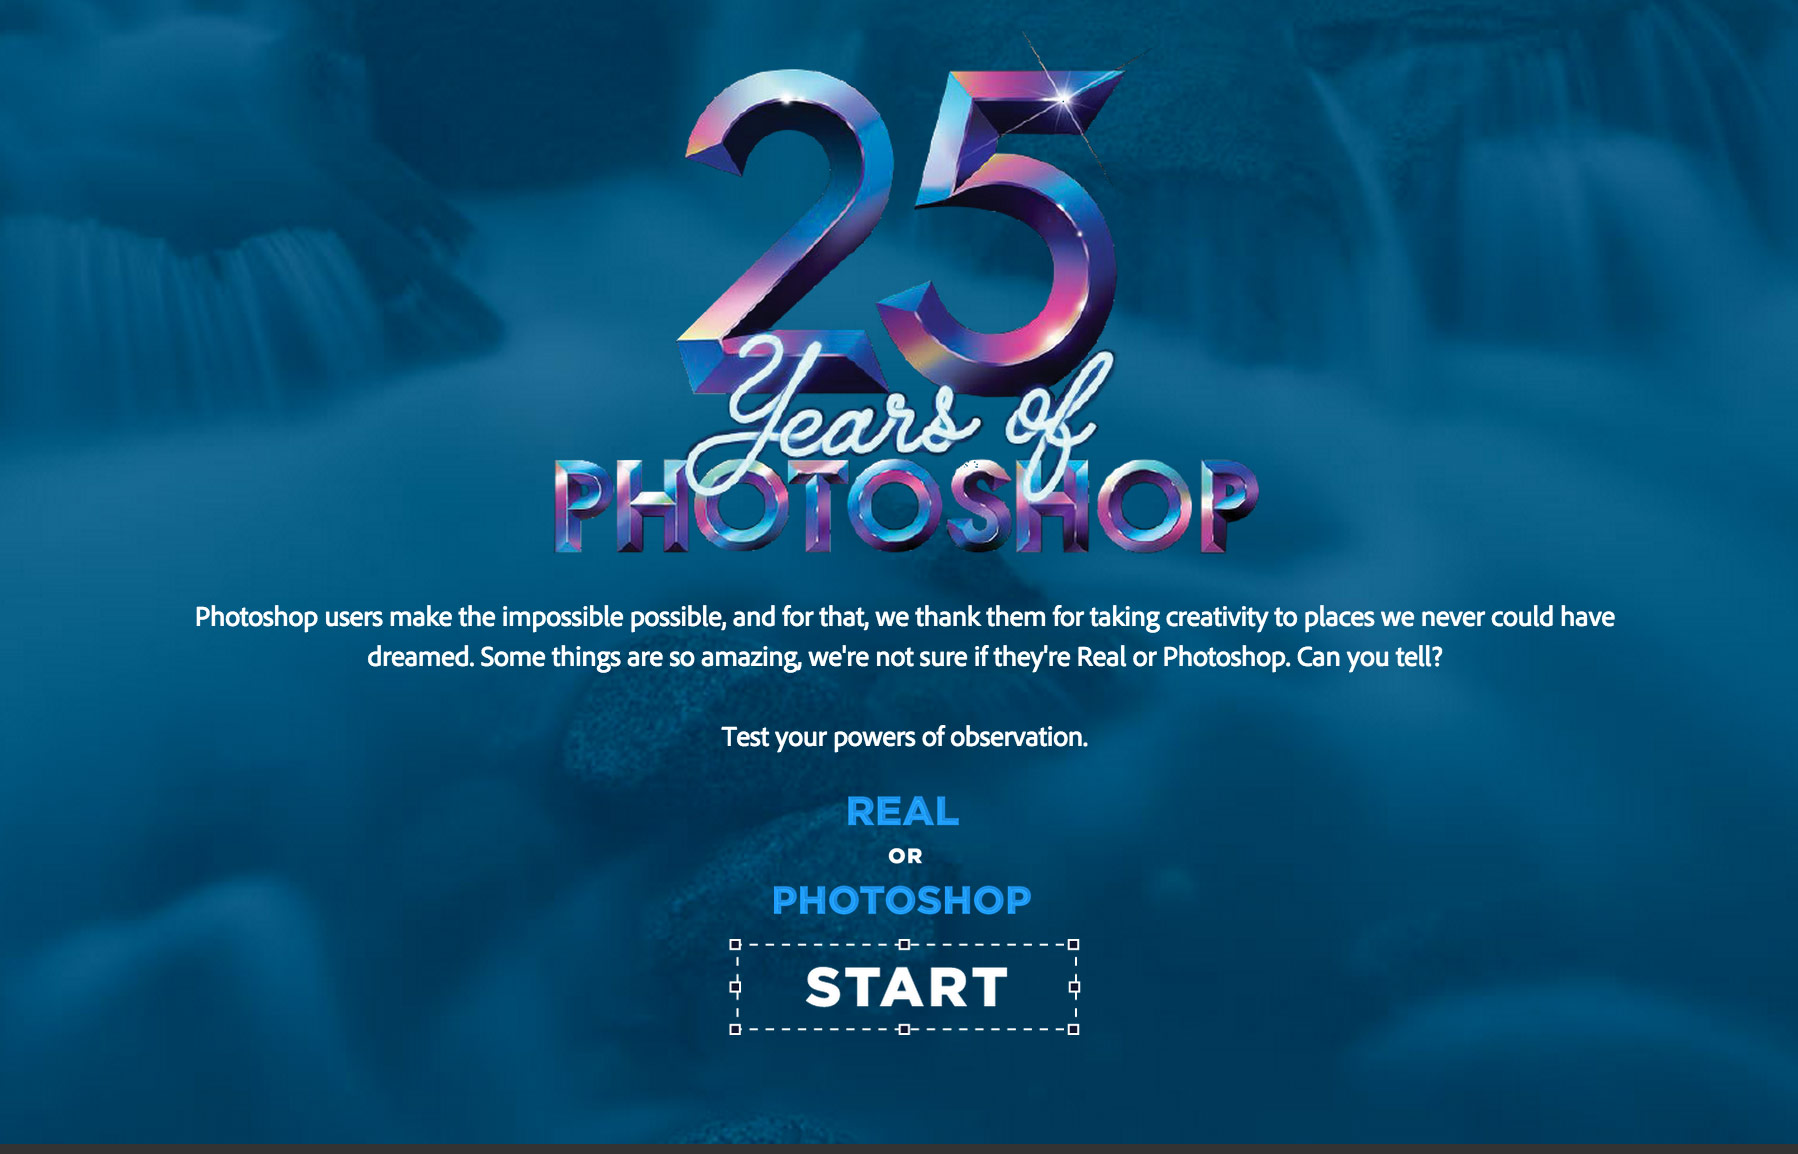 adobe, adobe photoshop, image-editing software, photoshopped, photo quiz, is it real or photoshopped, 25 years of photoshop